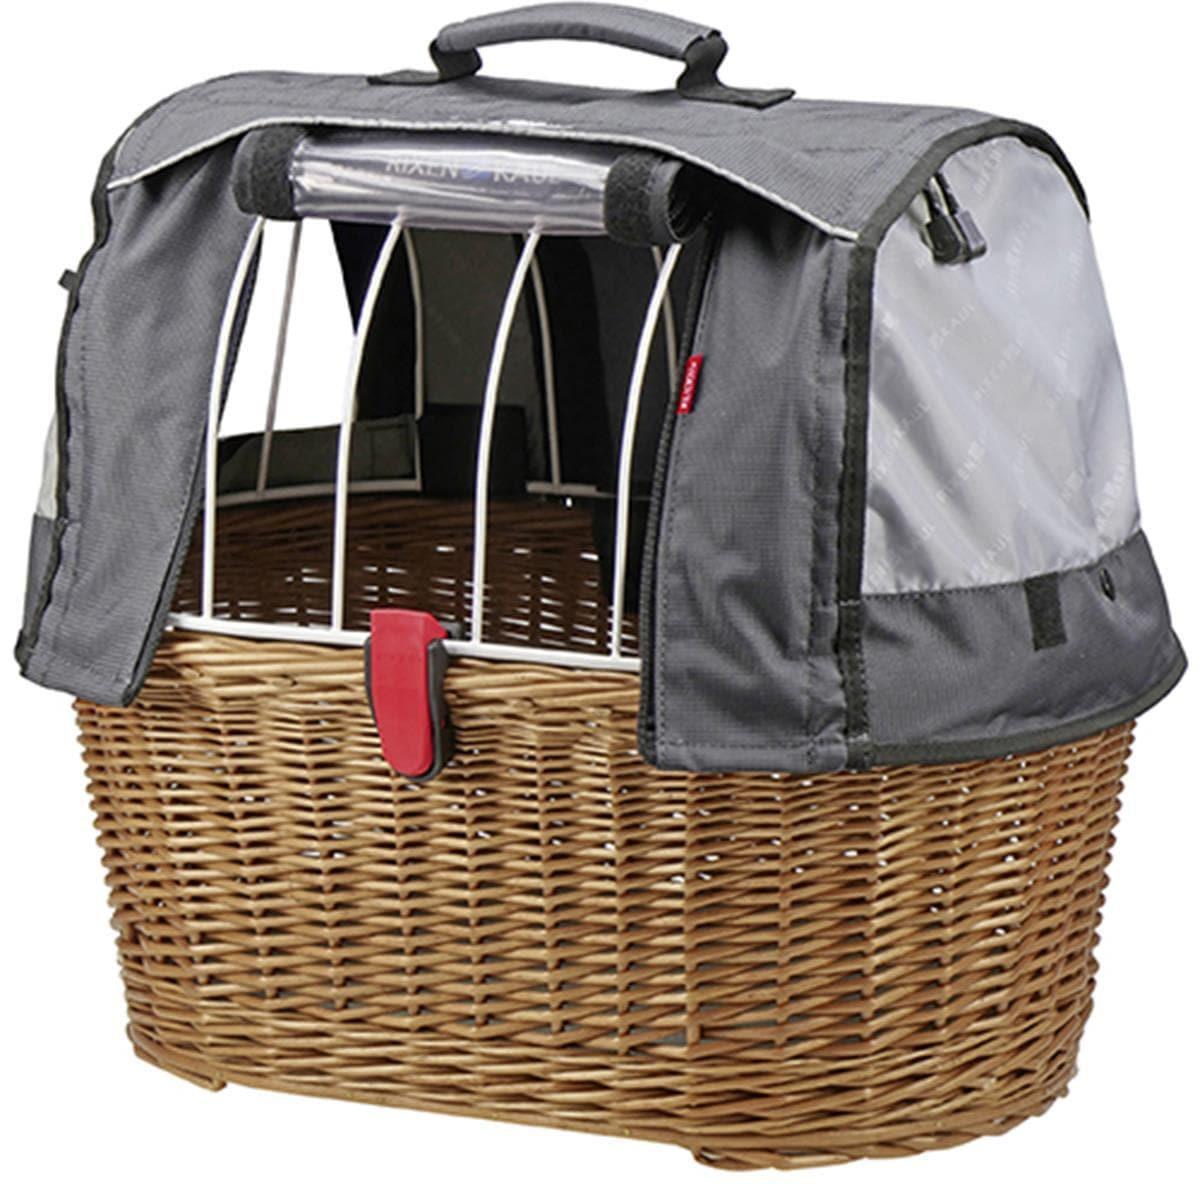 KlickFix Fahrradkorb Weidenkorb Doggy Basket braun Fahrradkörbe Fahrradzubehör Fahrräder Zubehör Taschen